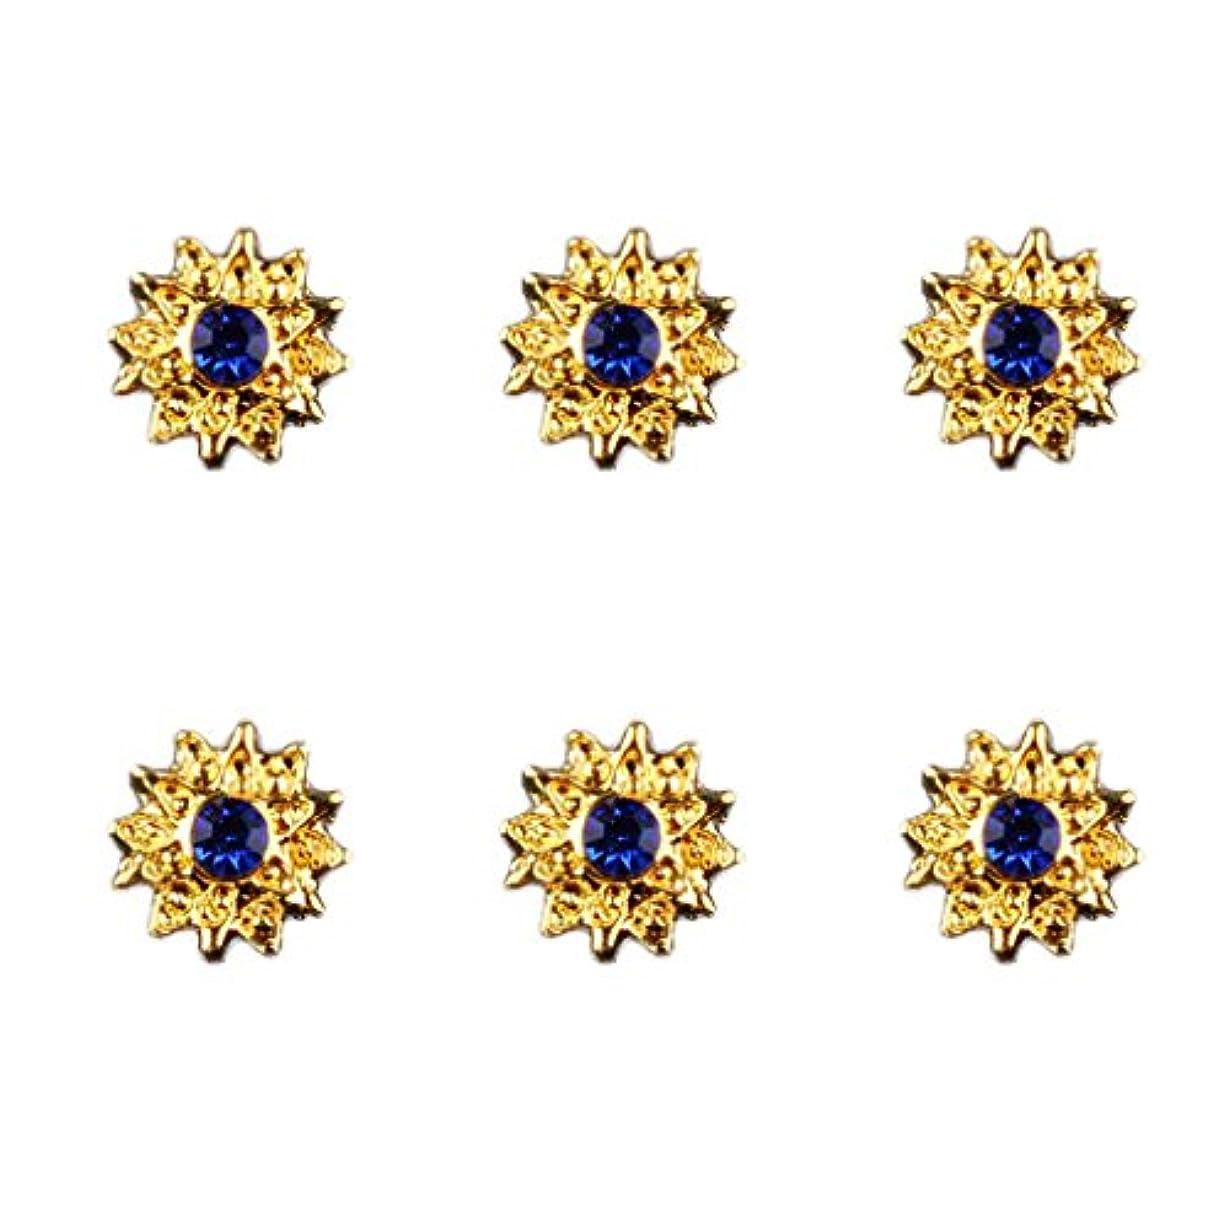 速記無能仲良し約50個入り マニキュア ダイヤモンド 3Dネイルアート ヒントステッカー 装飾 全8種類 - 6